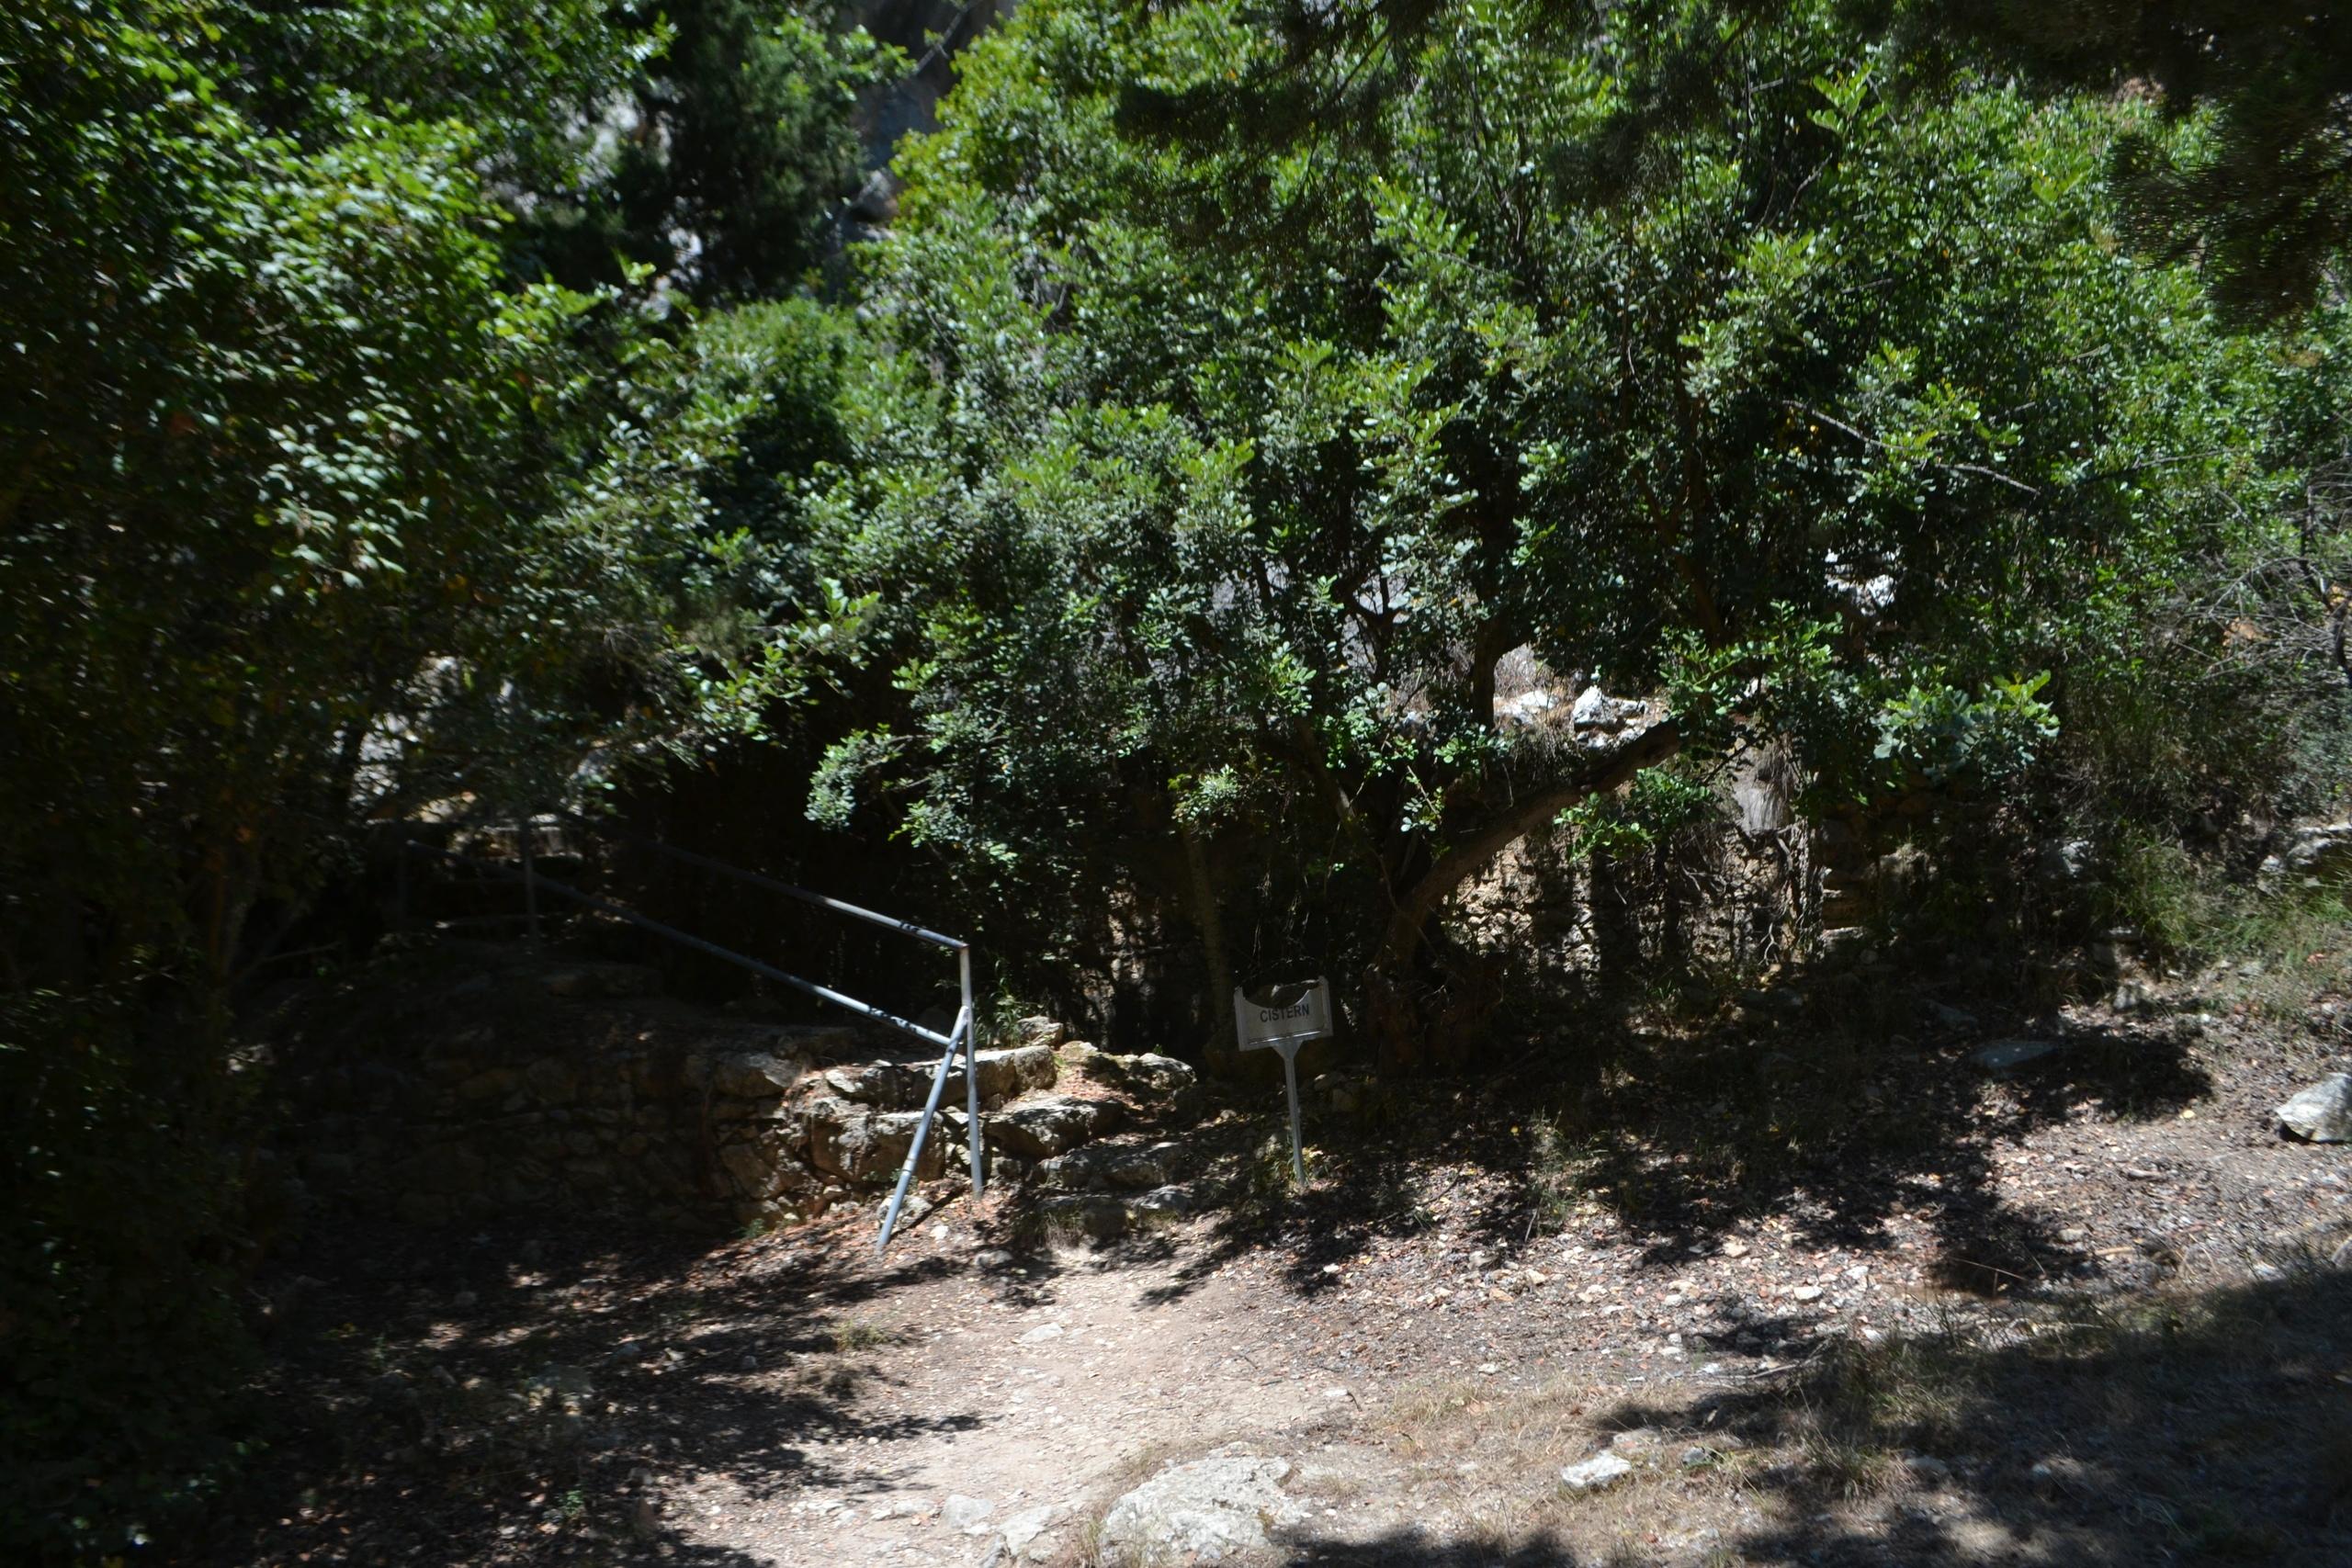 Северный Кипр. Замок Святого Иллариона. (фото). - Страница 3 AfZ-VKsBB20